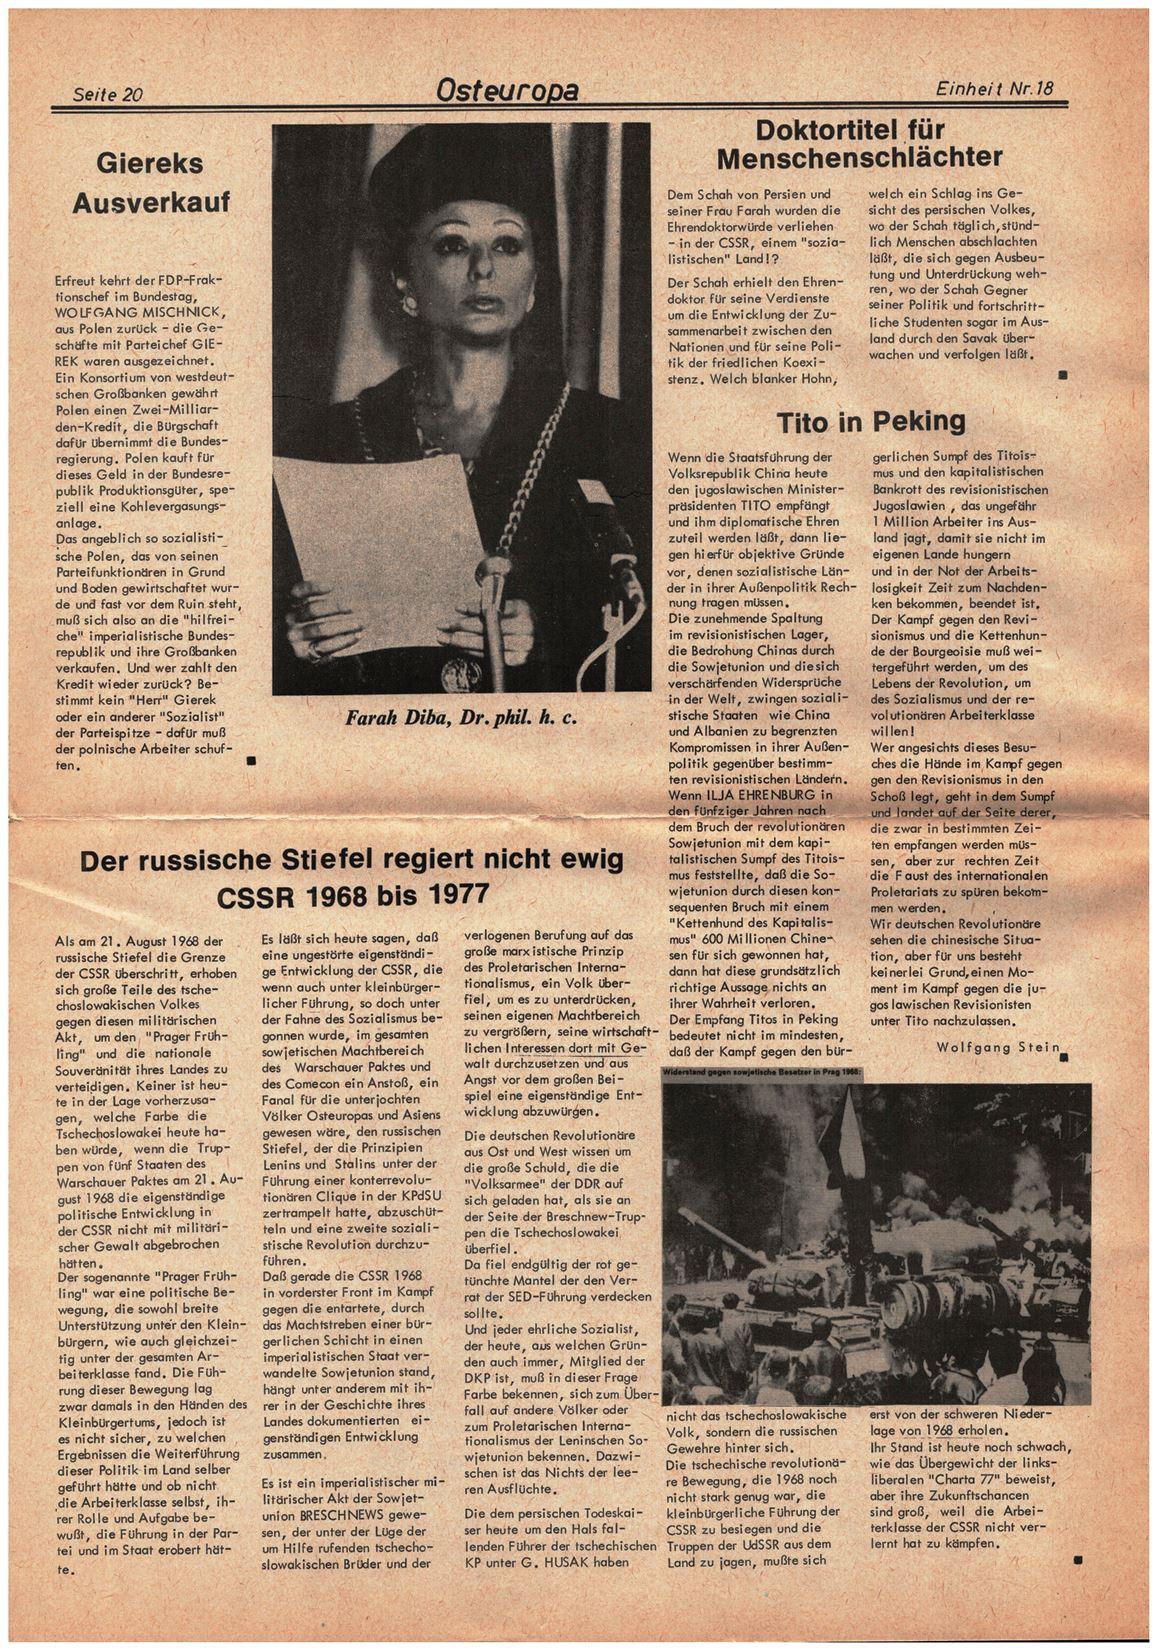 Koeln_IPdA_Einheit_1977_018_020